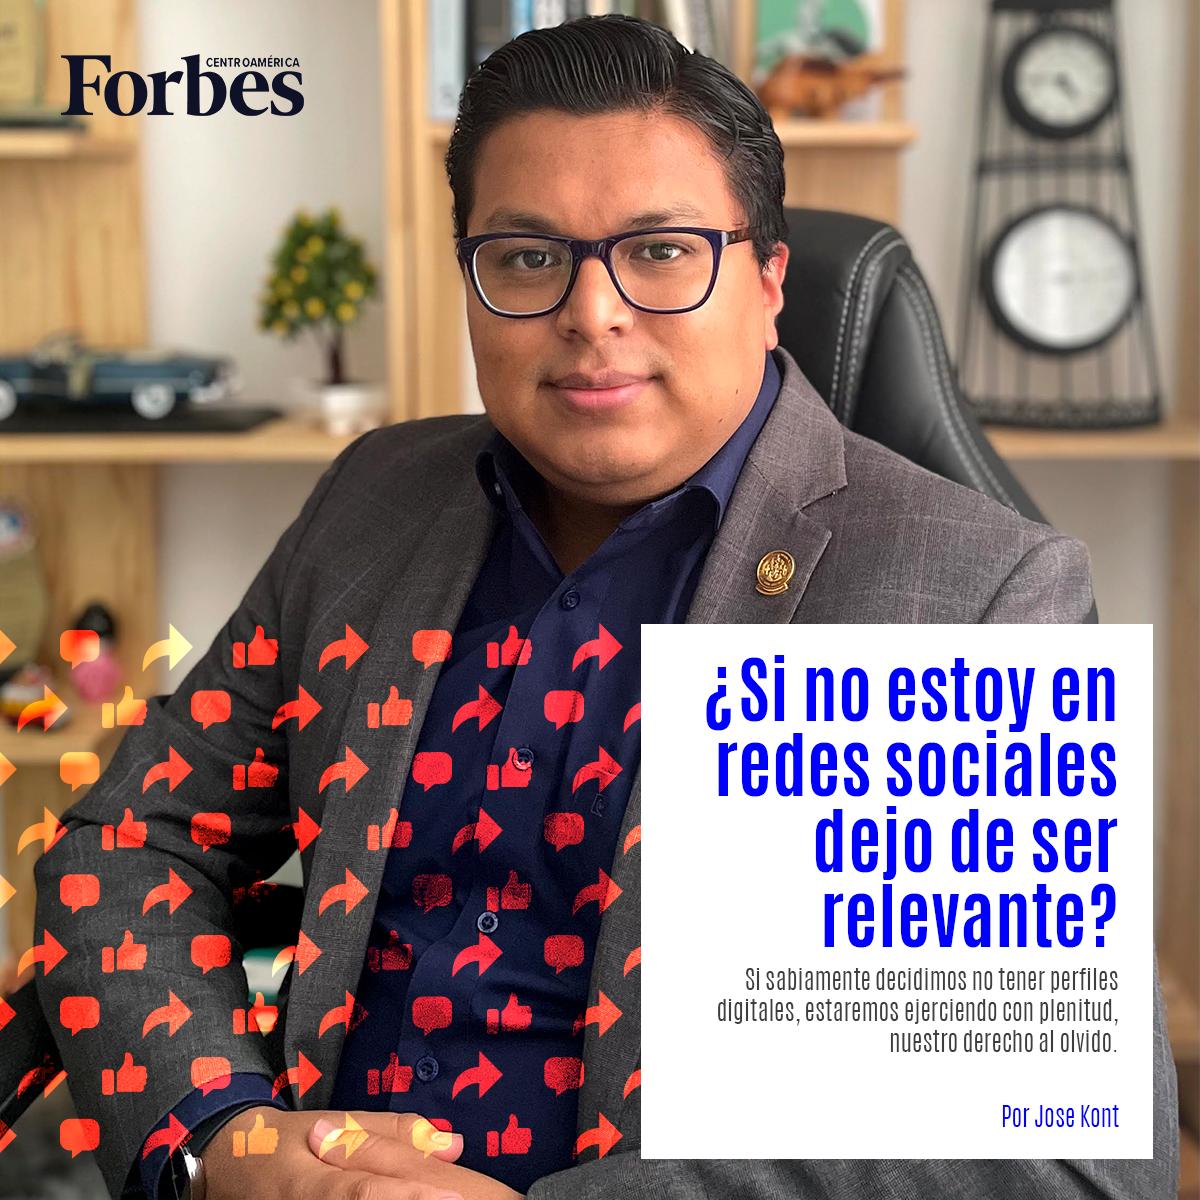 Si no estoy en redes sociales dejo de ser relevante? Columna en Forbes de Jose Kont